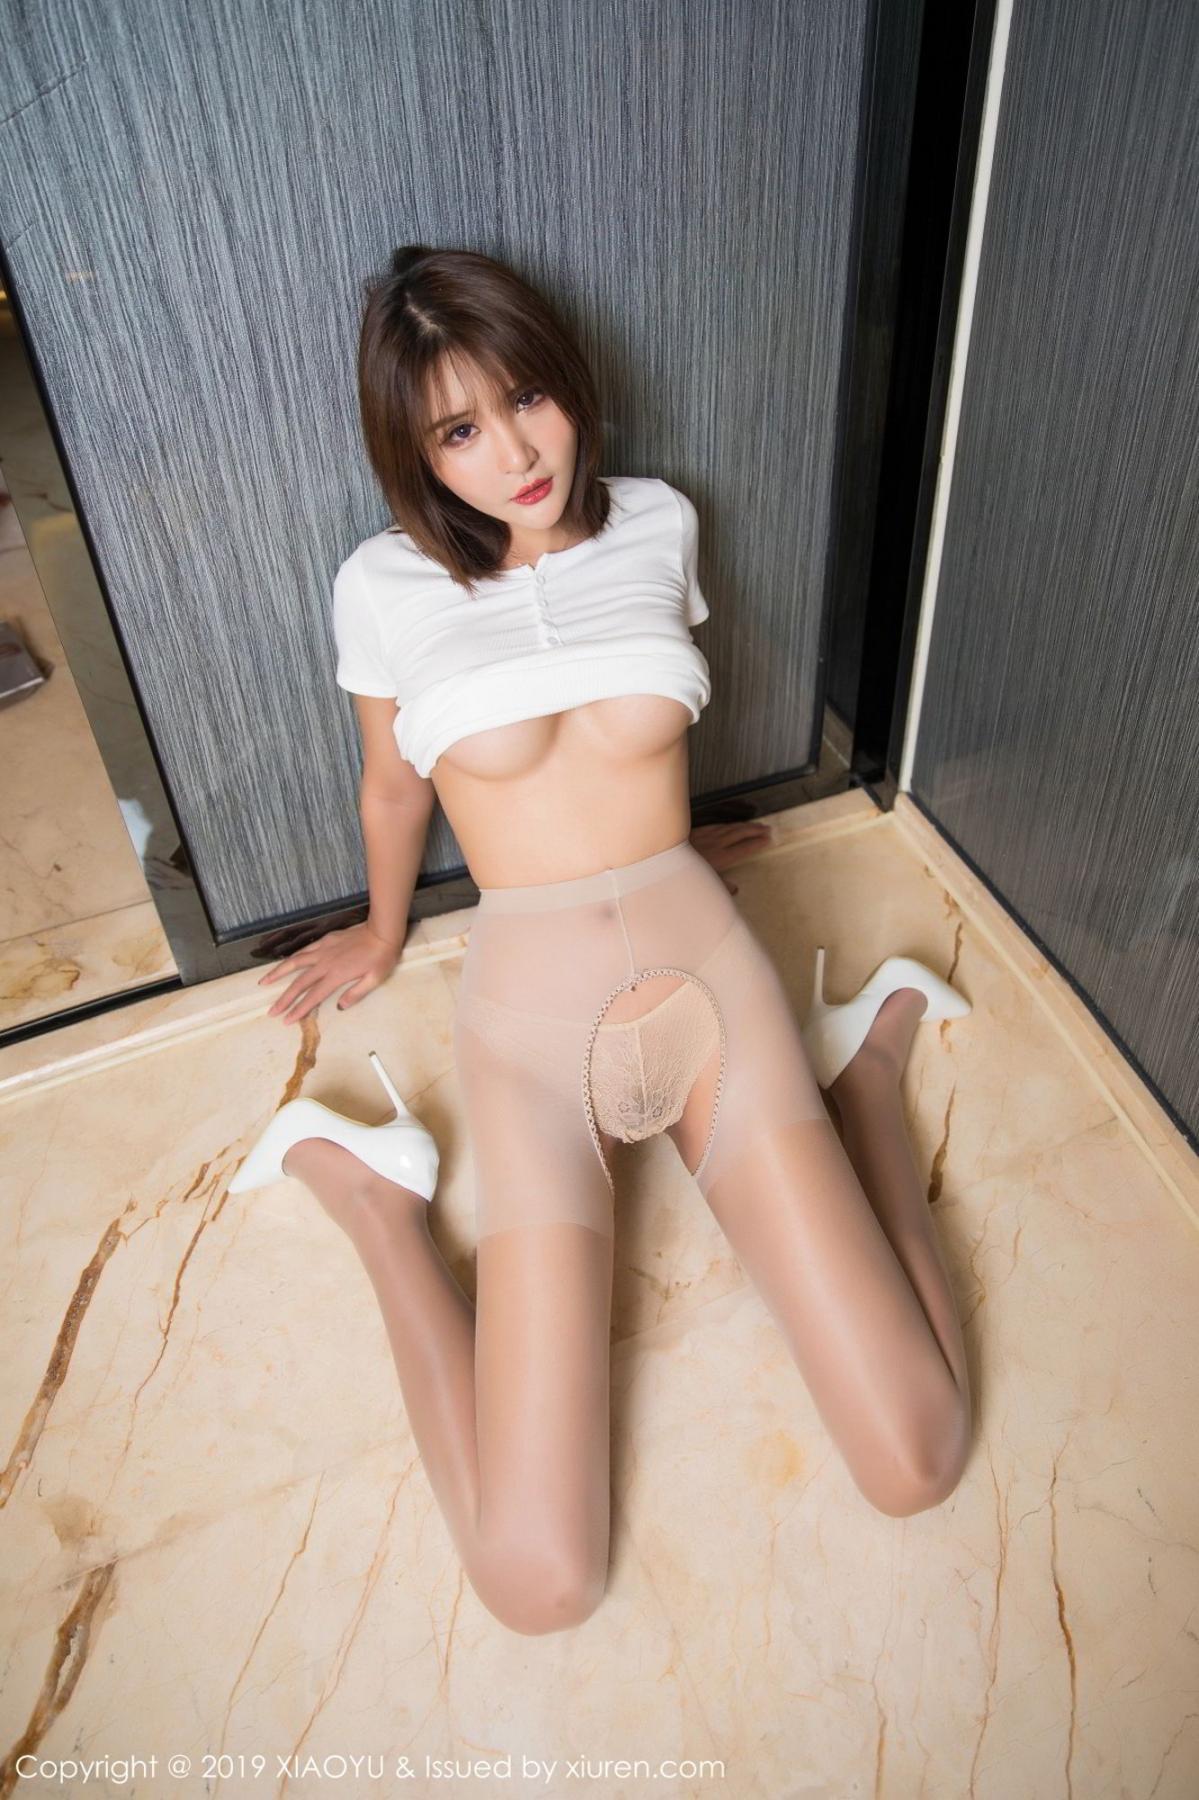 [XiaoYu] Vol.112 Solo Yi Fei 16P, Solo Yi Fei, Underwear, XiaoYu